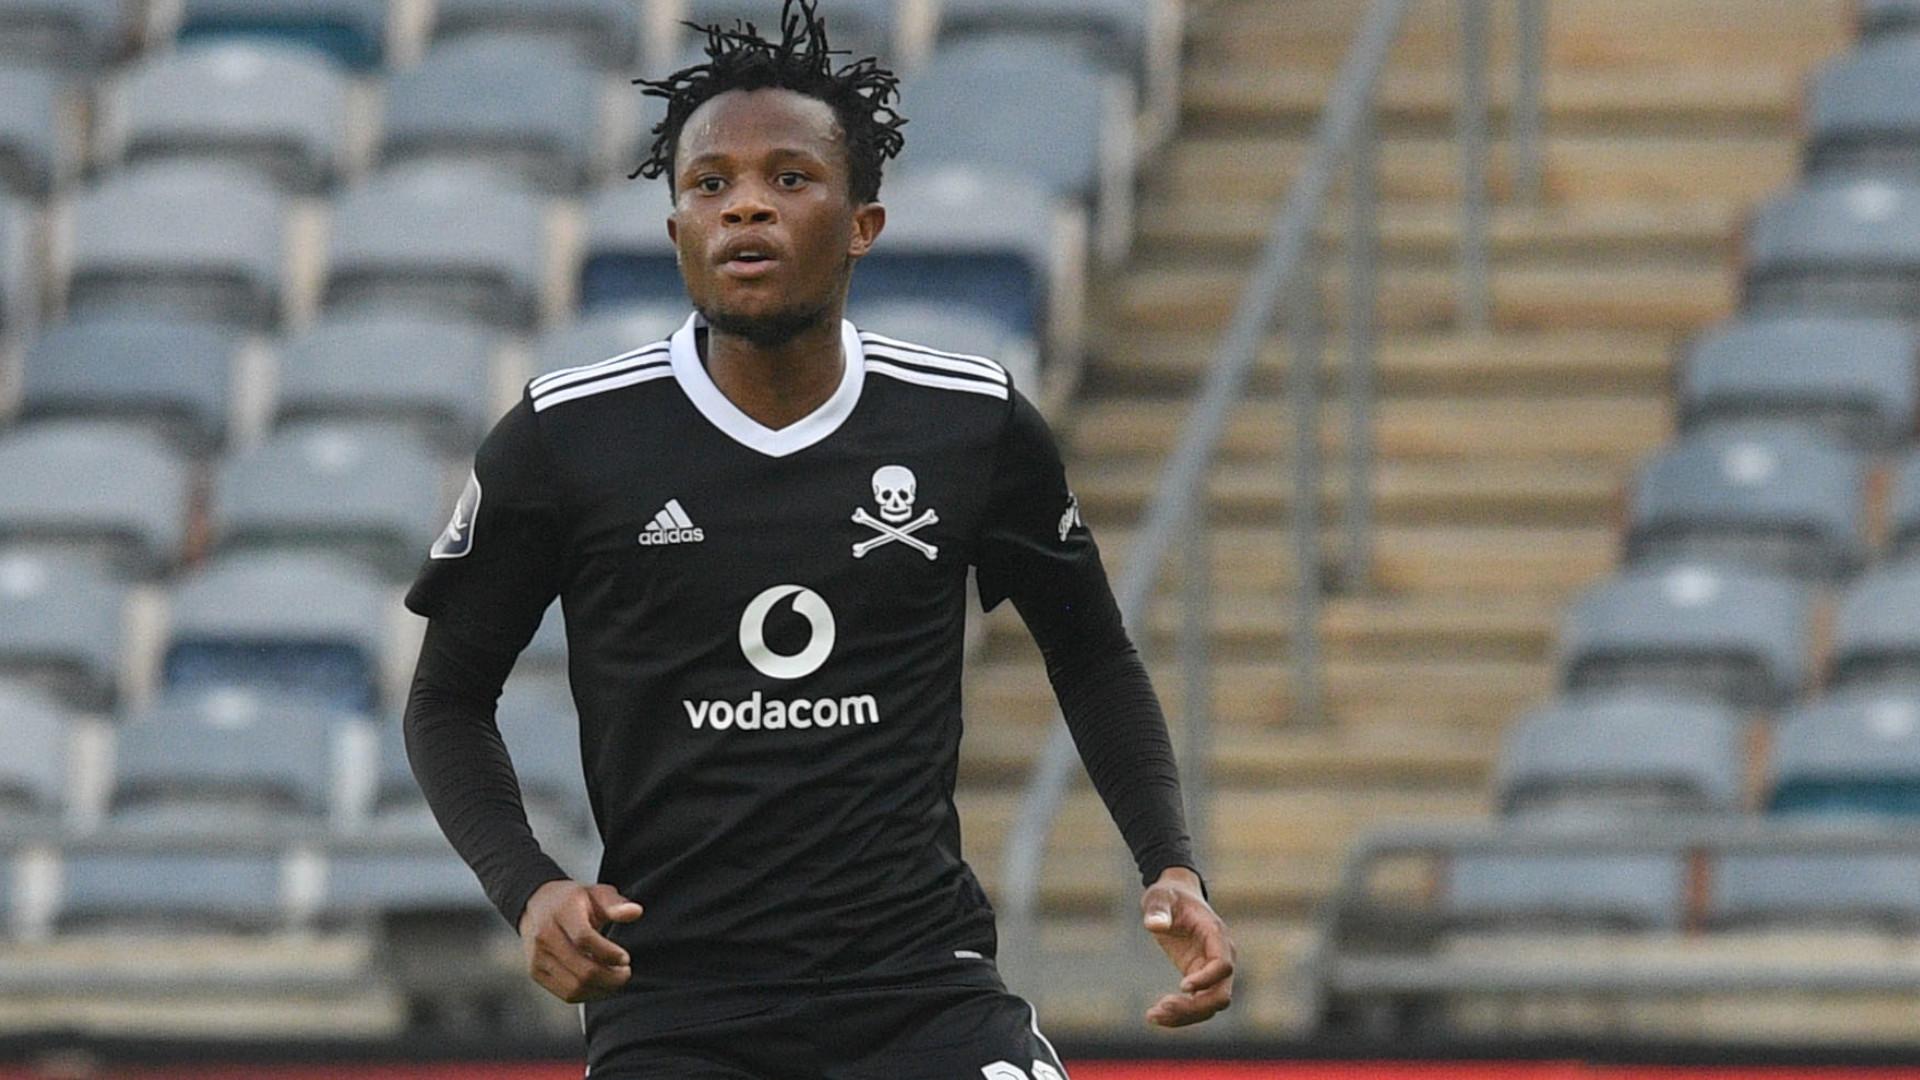 Orlando Pirates defender Sam and Kaizer Chiefs' Ngcobo headline South Africa U23 squad